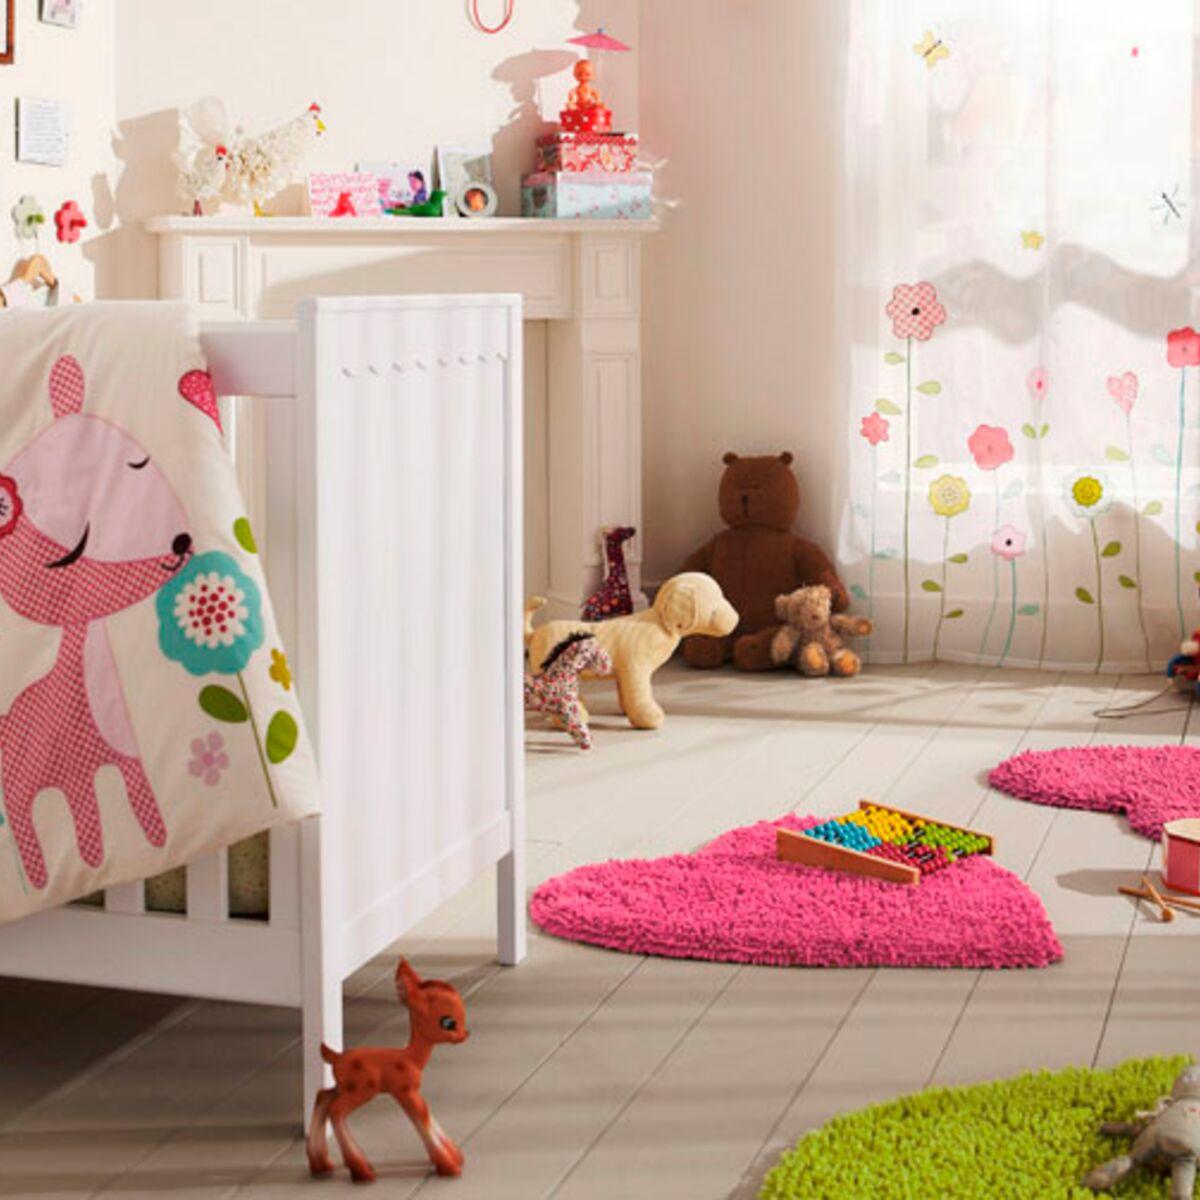 Partage Chambre Fille Garcon chambre d'enfant : 7 règles d'or pour qu'il s'y sente bien